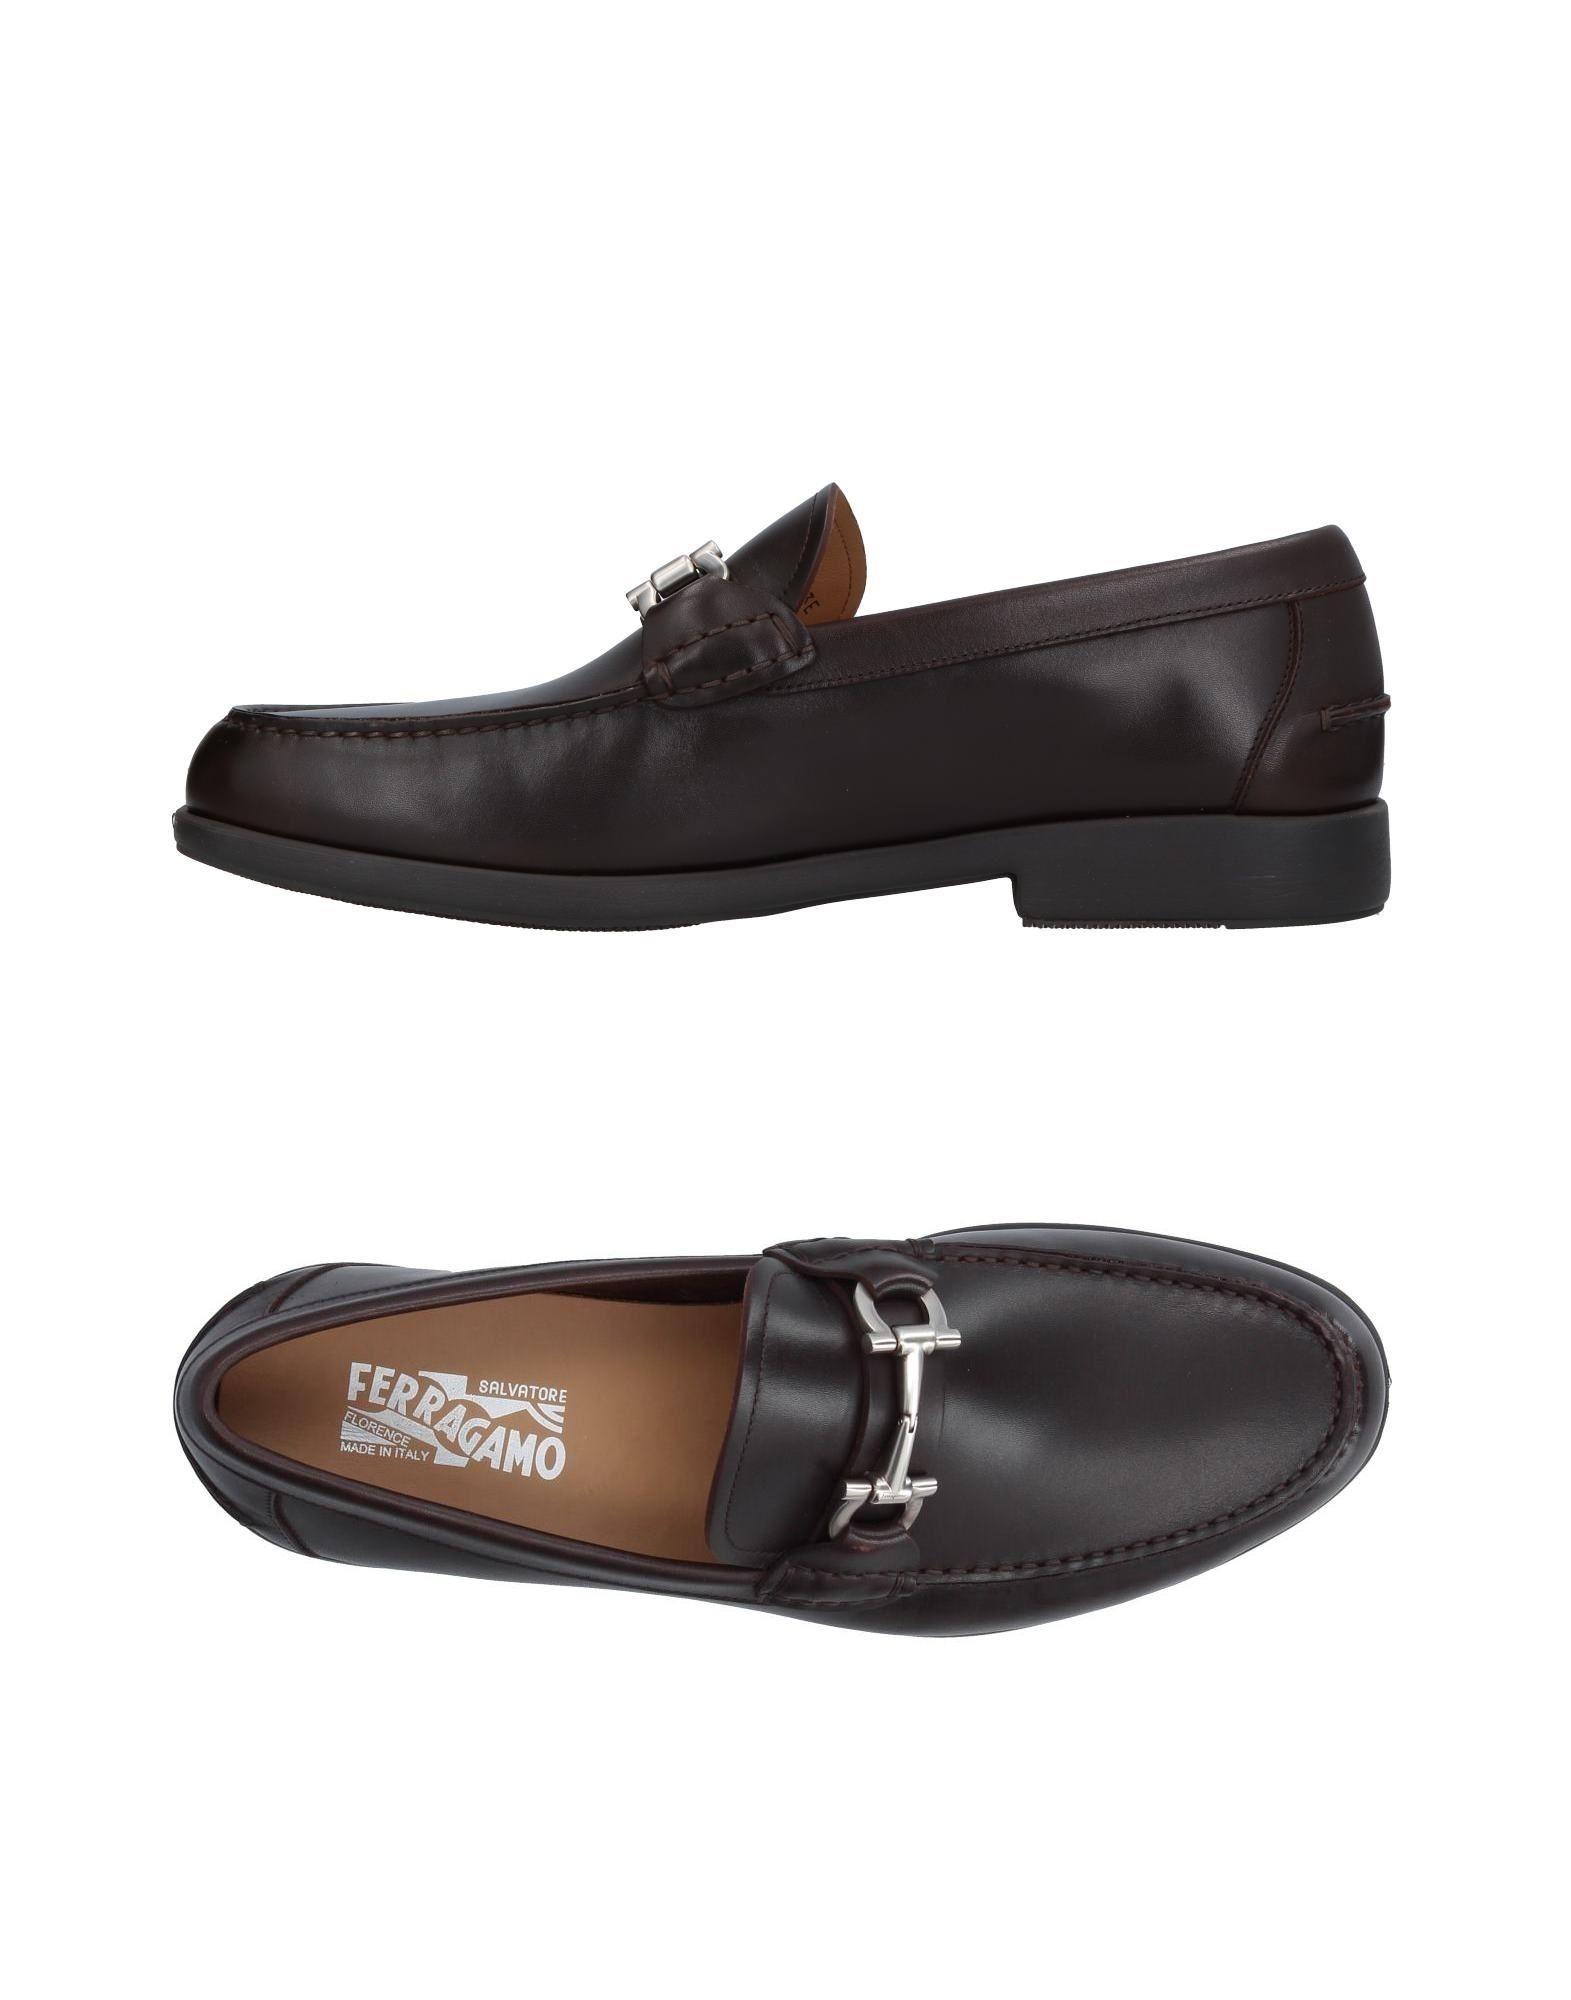 Salvatore Ferragamo Mokassins Herren  11397770AV Gute Qualität beliebte Schuhe